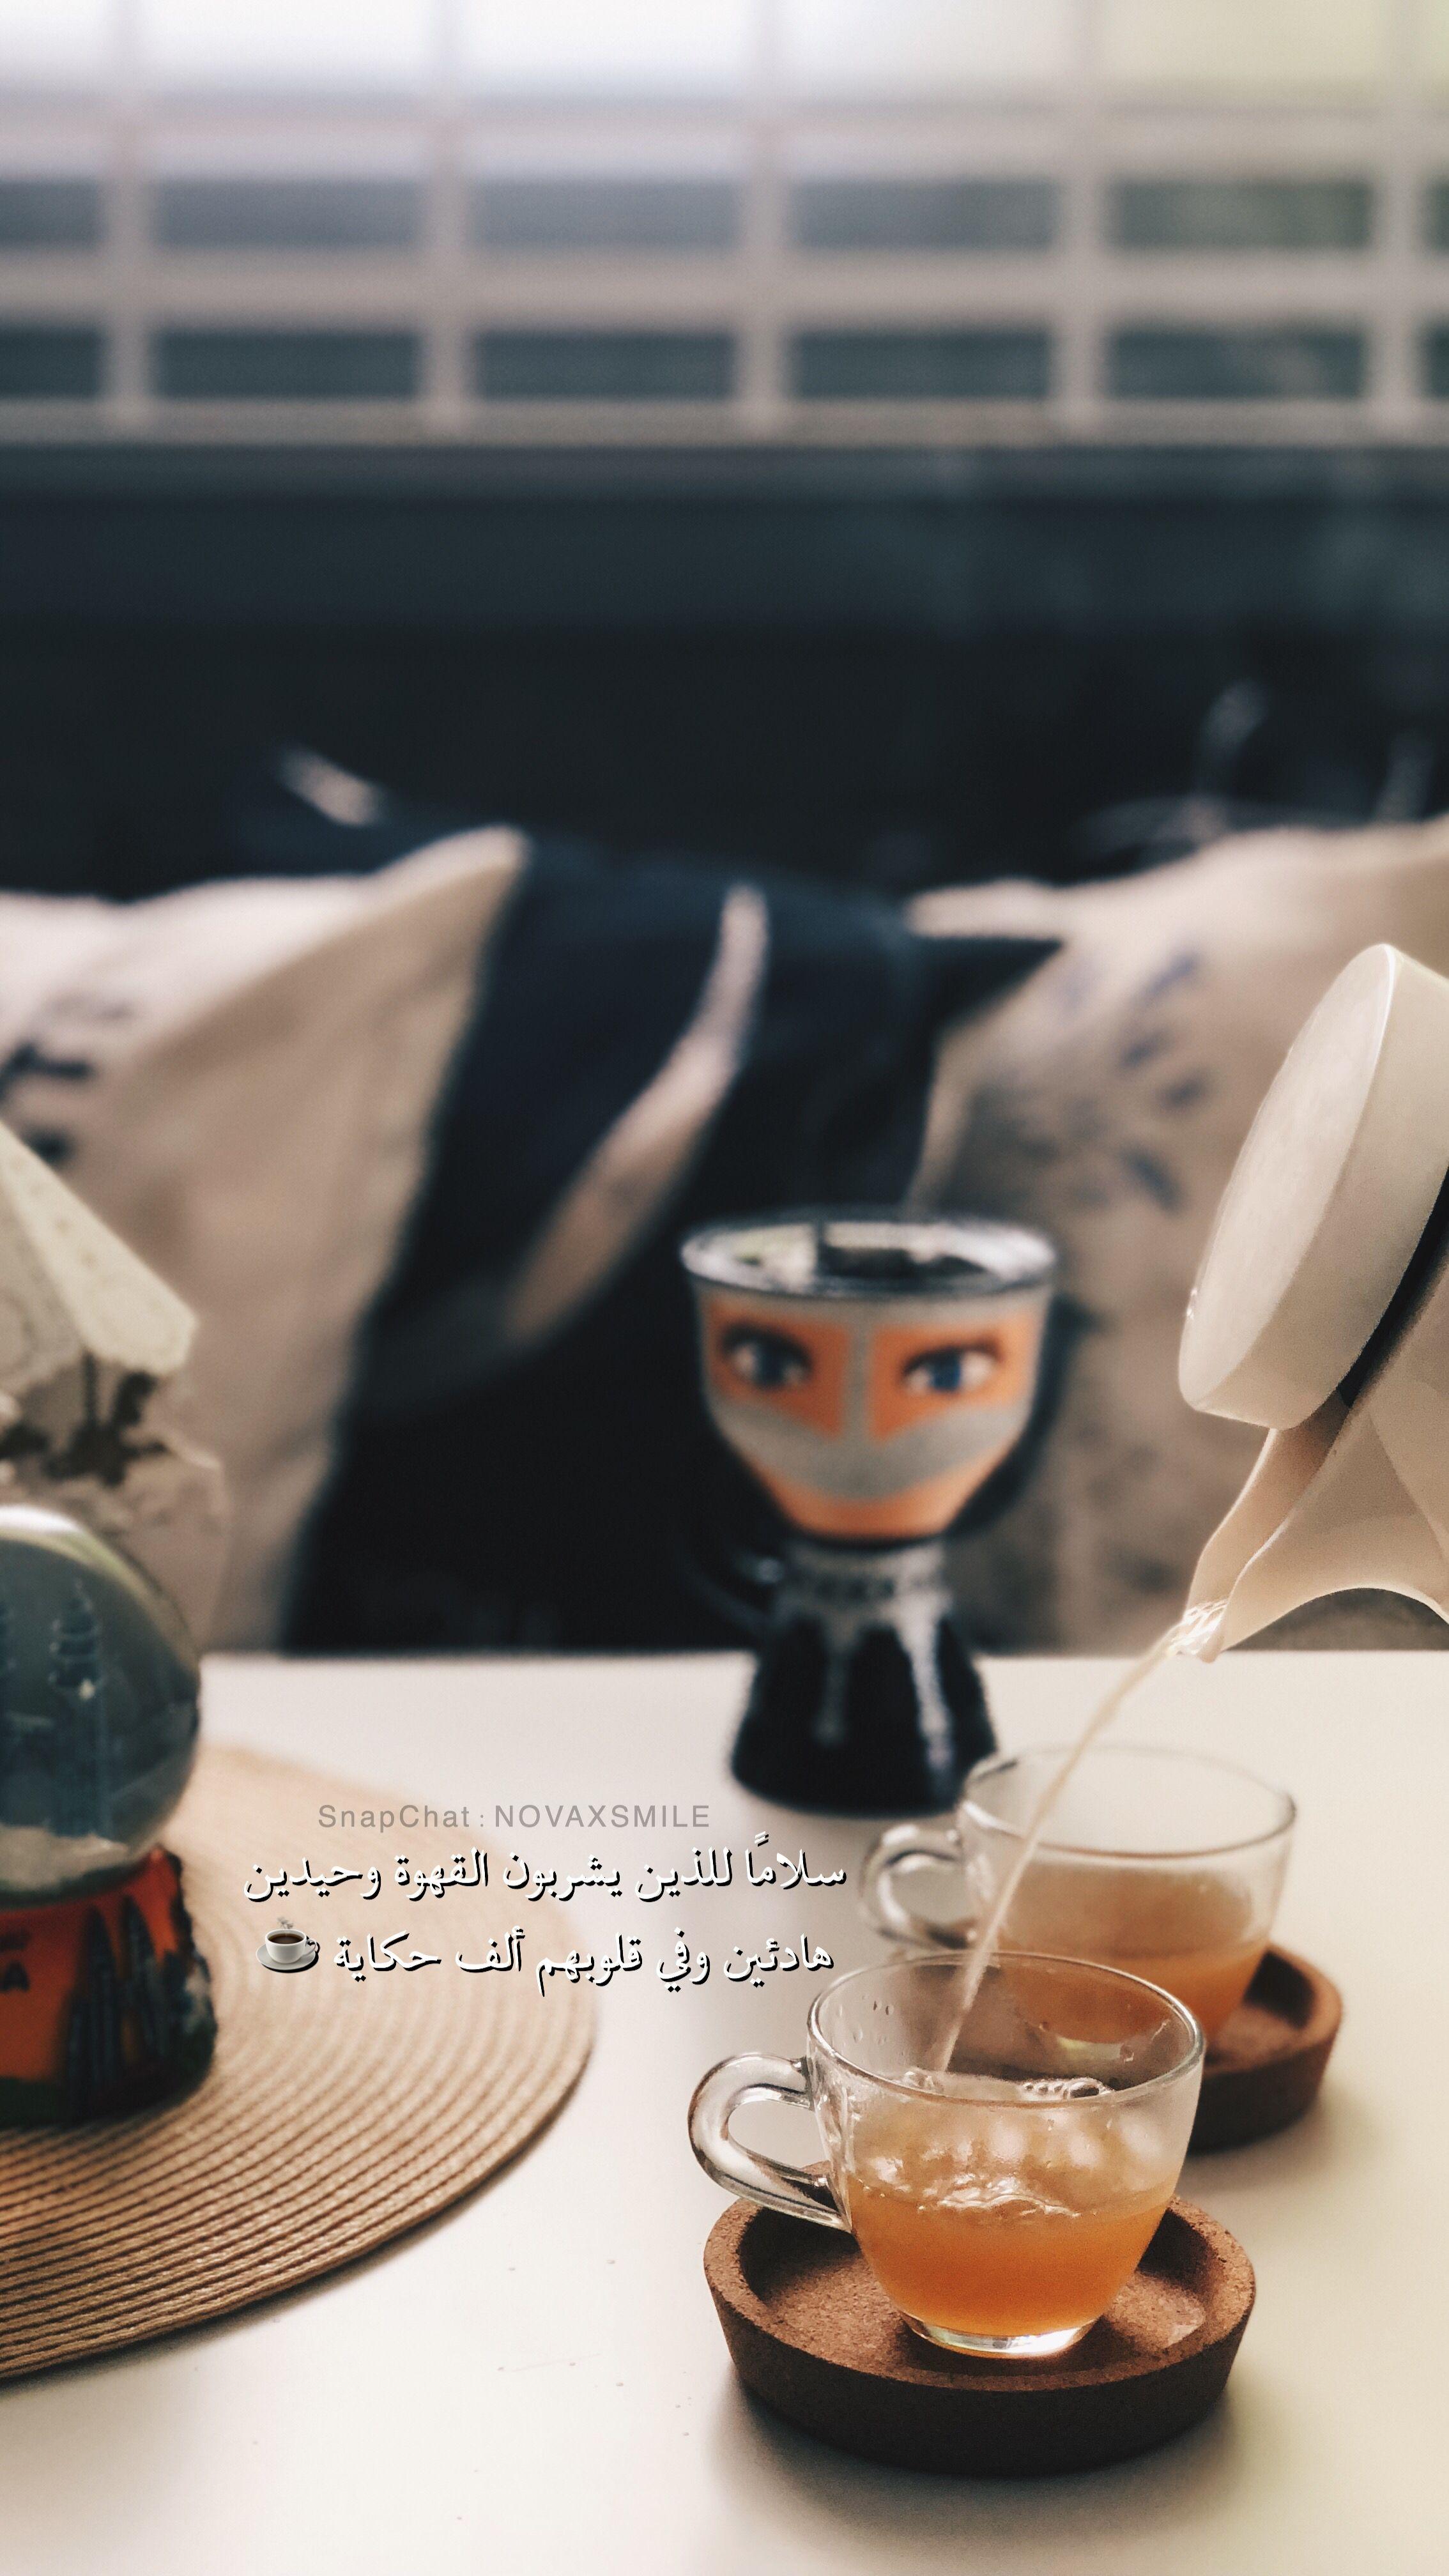 صور قهوه قهوتي كوفي روقان ينبع ينبع البحر ينبع الصناعيه قهوة ديكور خلفيات رمزيات Cofe Coffe Coffee Decor شجره مضيئه طرق حلويات طر Alcoholic Drinks Cofee Coffee